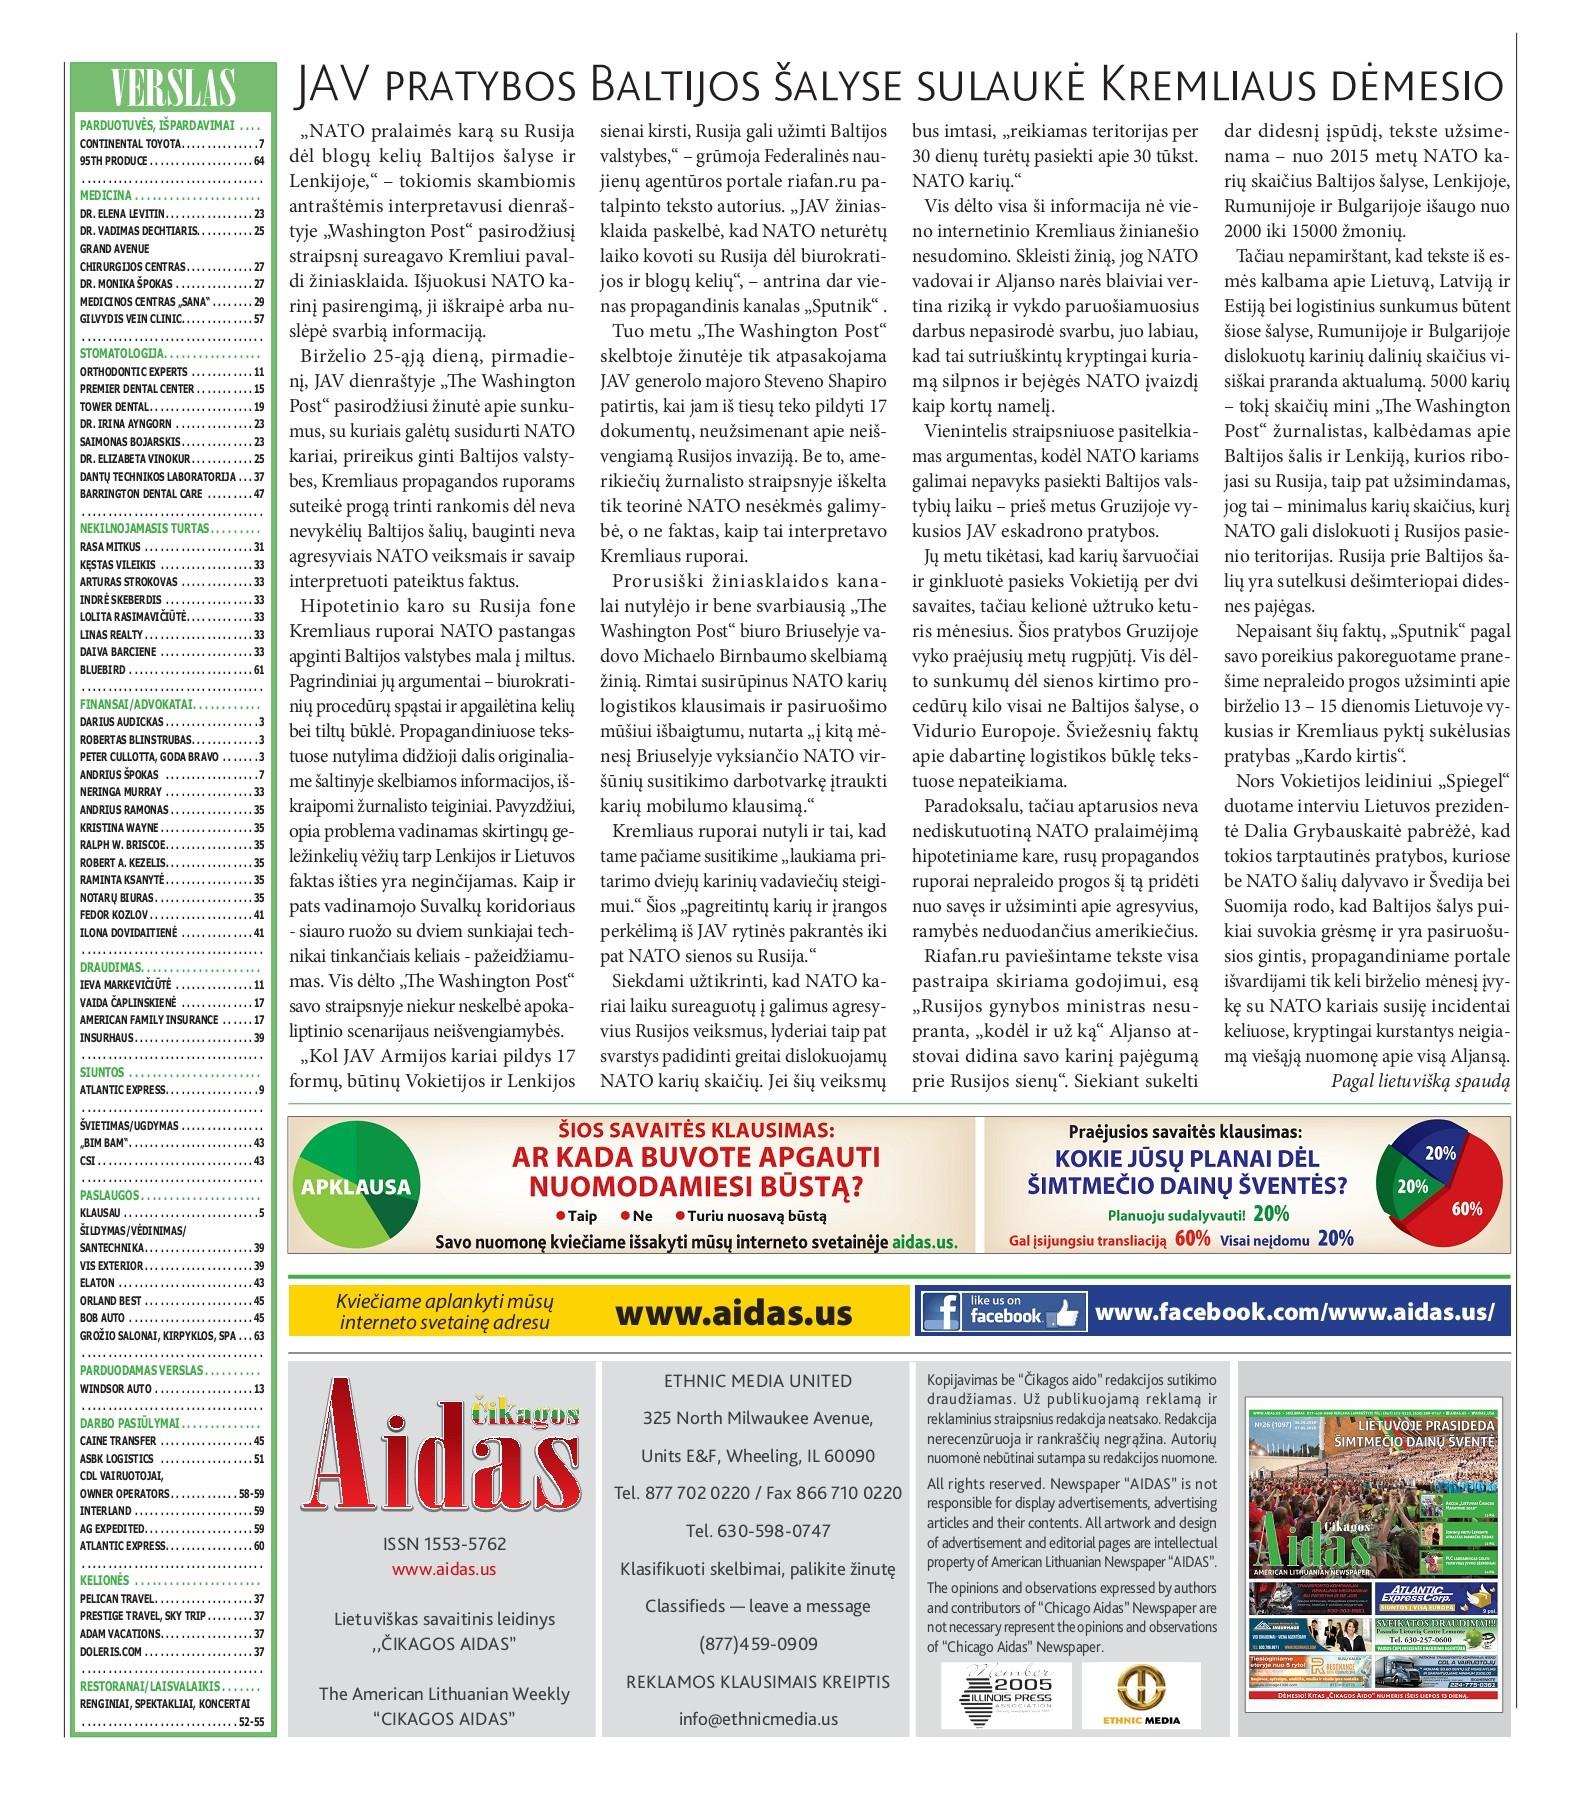 apskaitos įrašai apie pasibaigusius akcijų pasirinkimo sandorius)